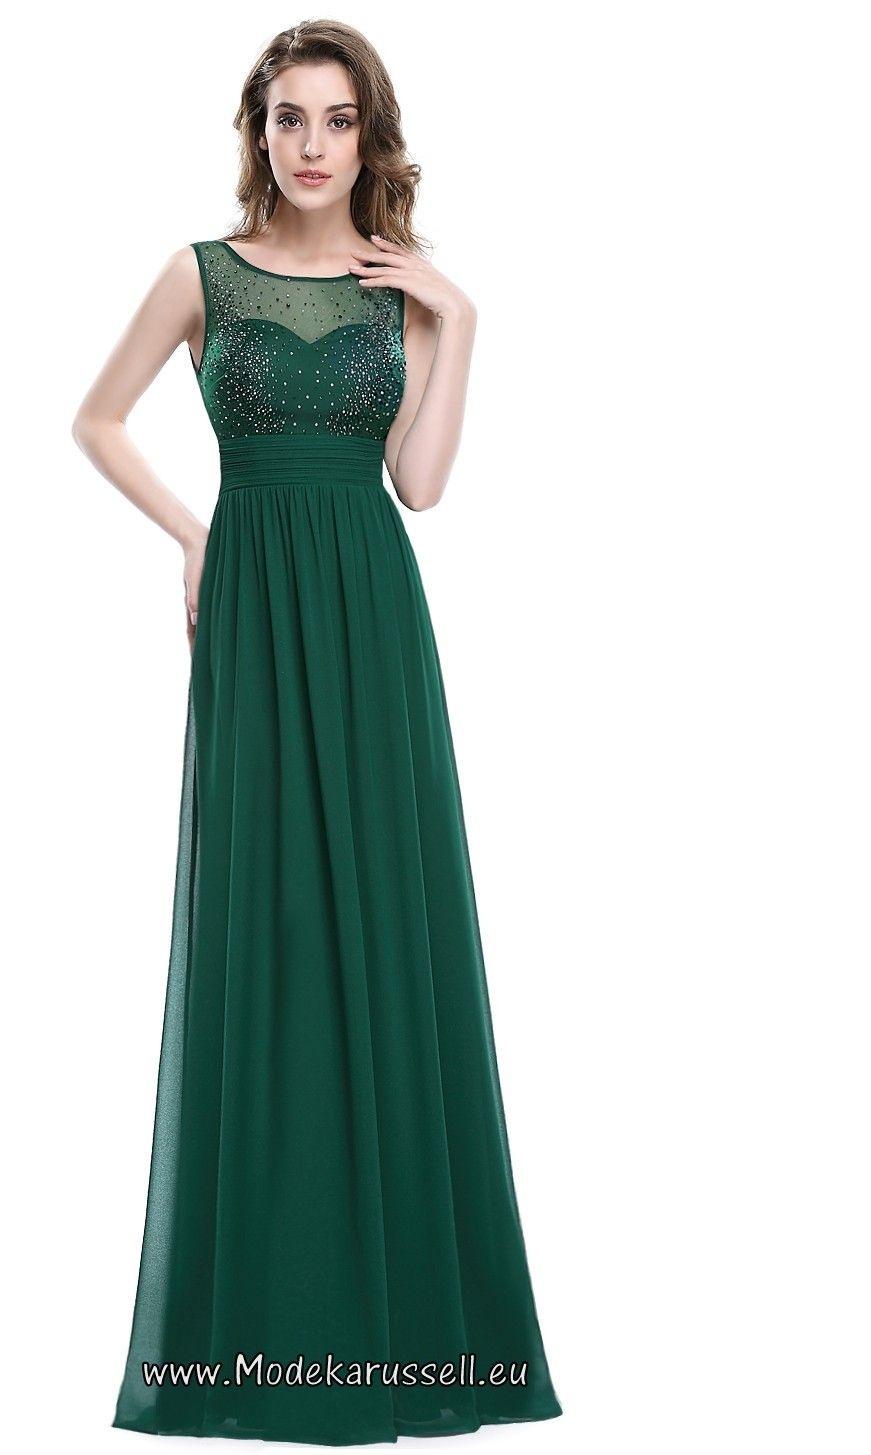 15 Genial Grünes Kleid Mit Spitze DesignDesigner Kreativ Grünes Kleid Mit Spitze Bester Preis